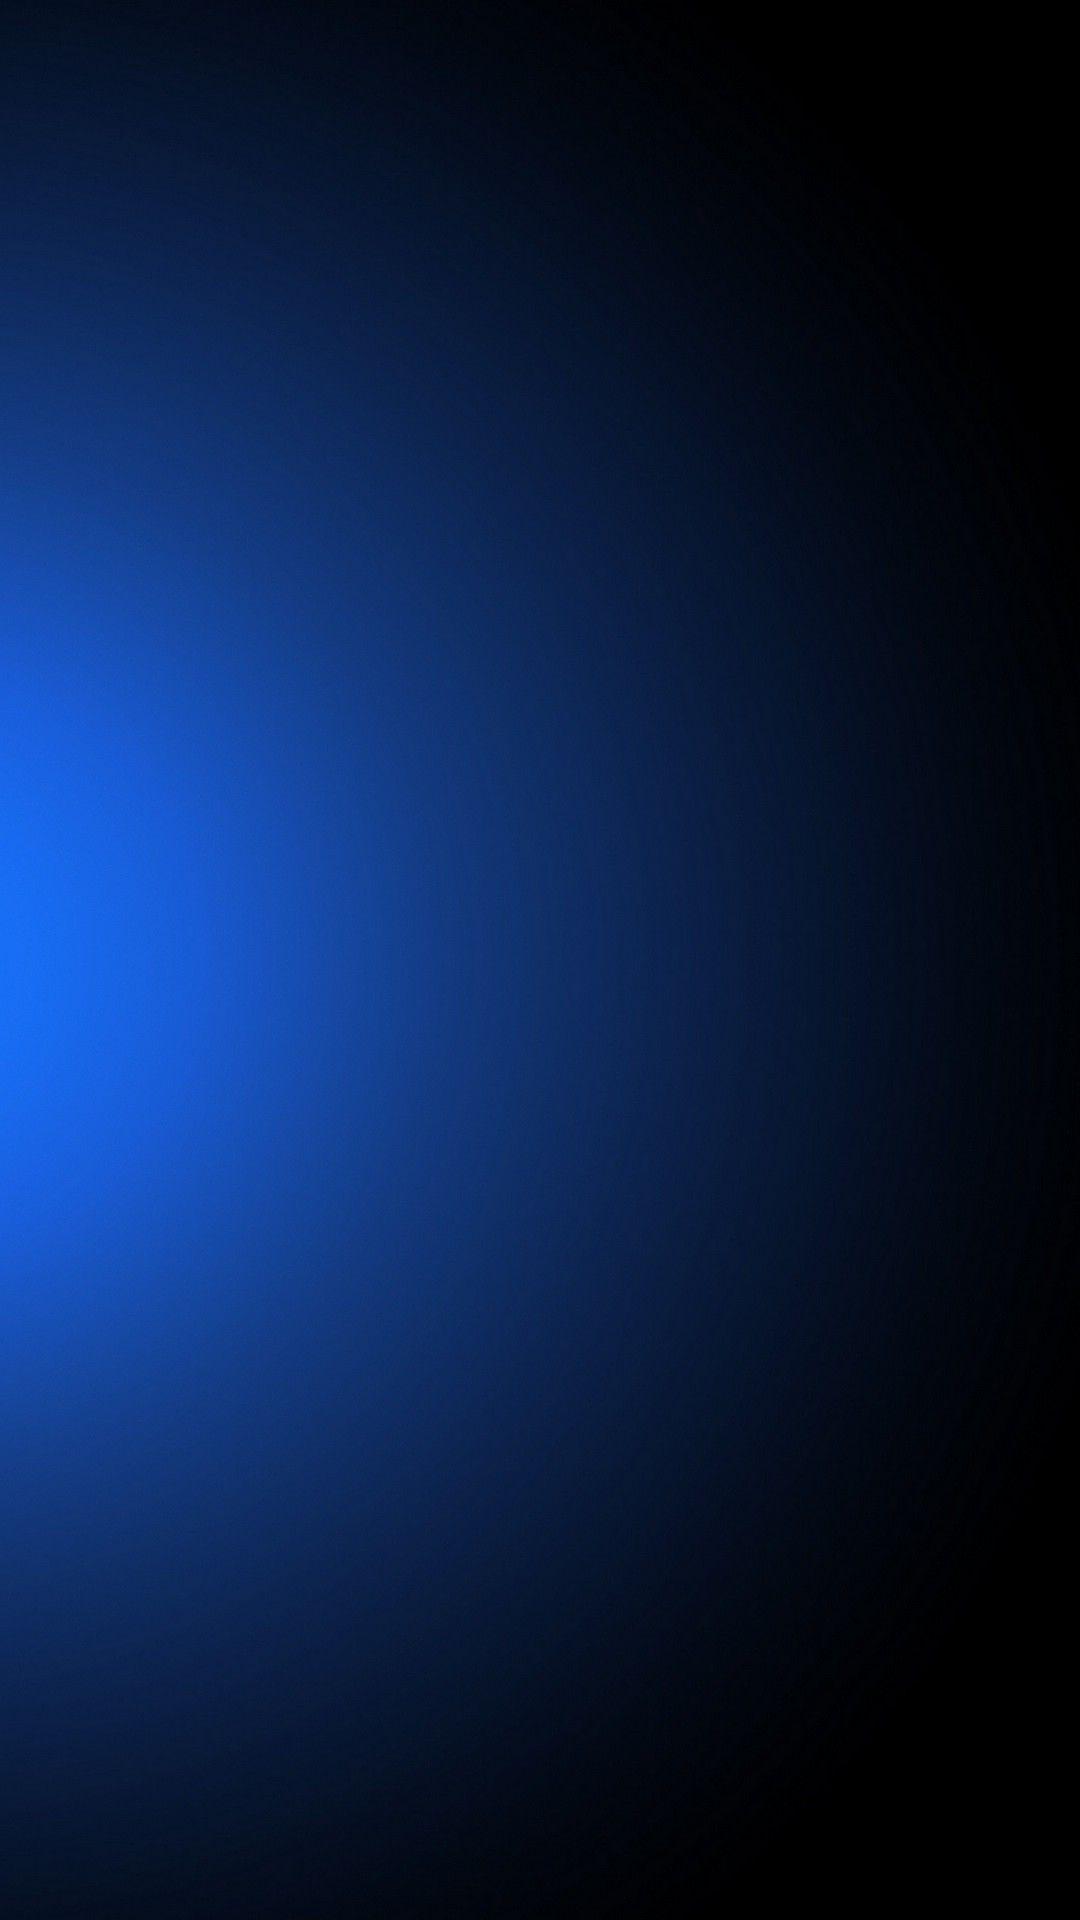 Blue Gradient Wallpaper Iphone Ciapibanni Sfondi Astratti